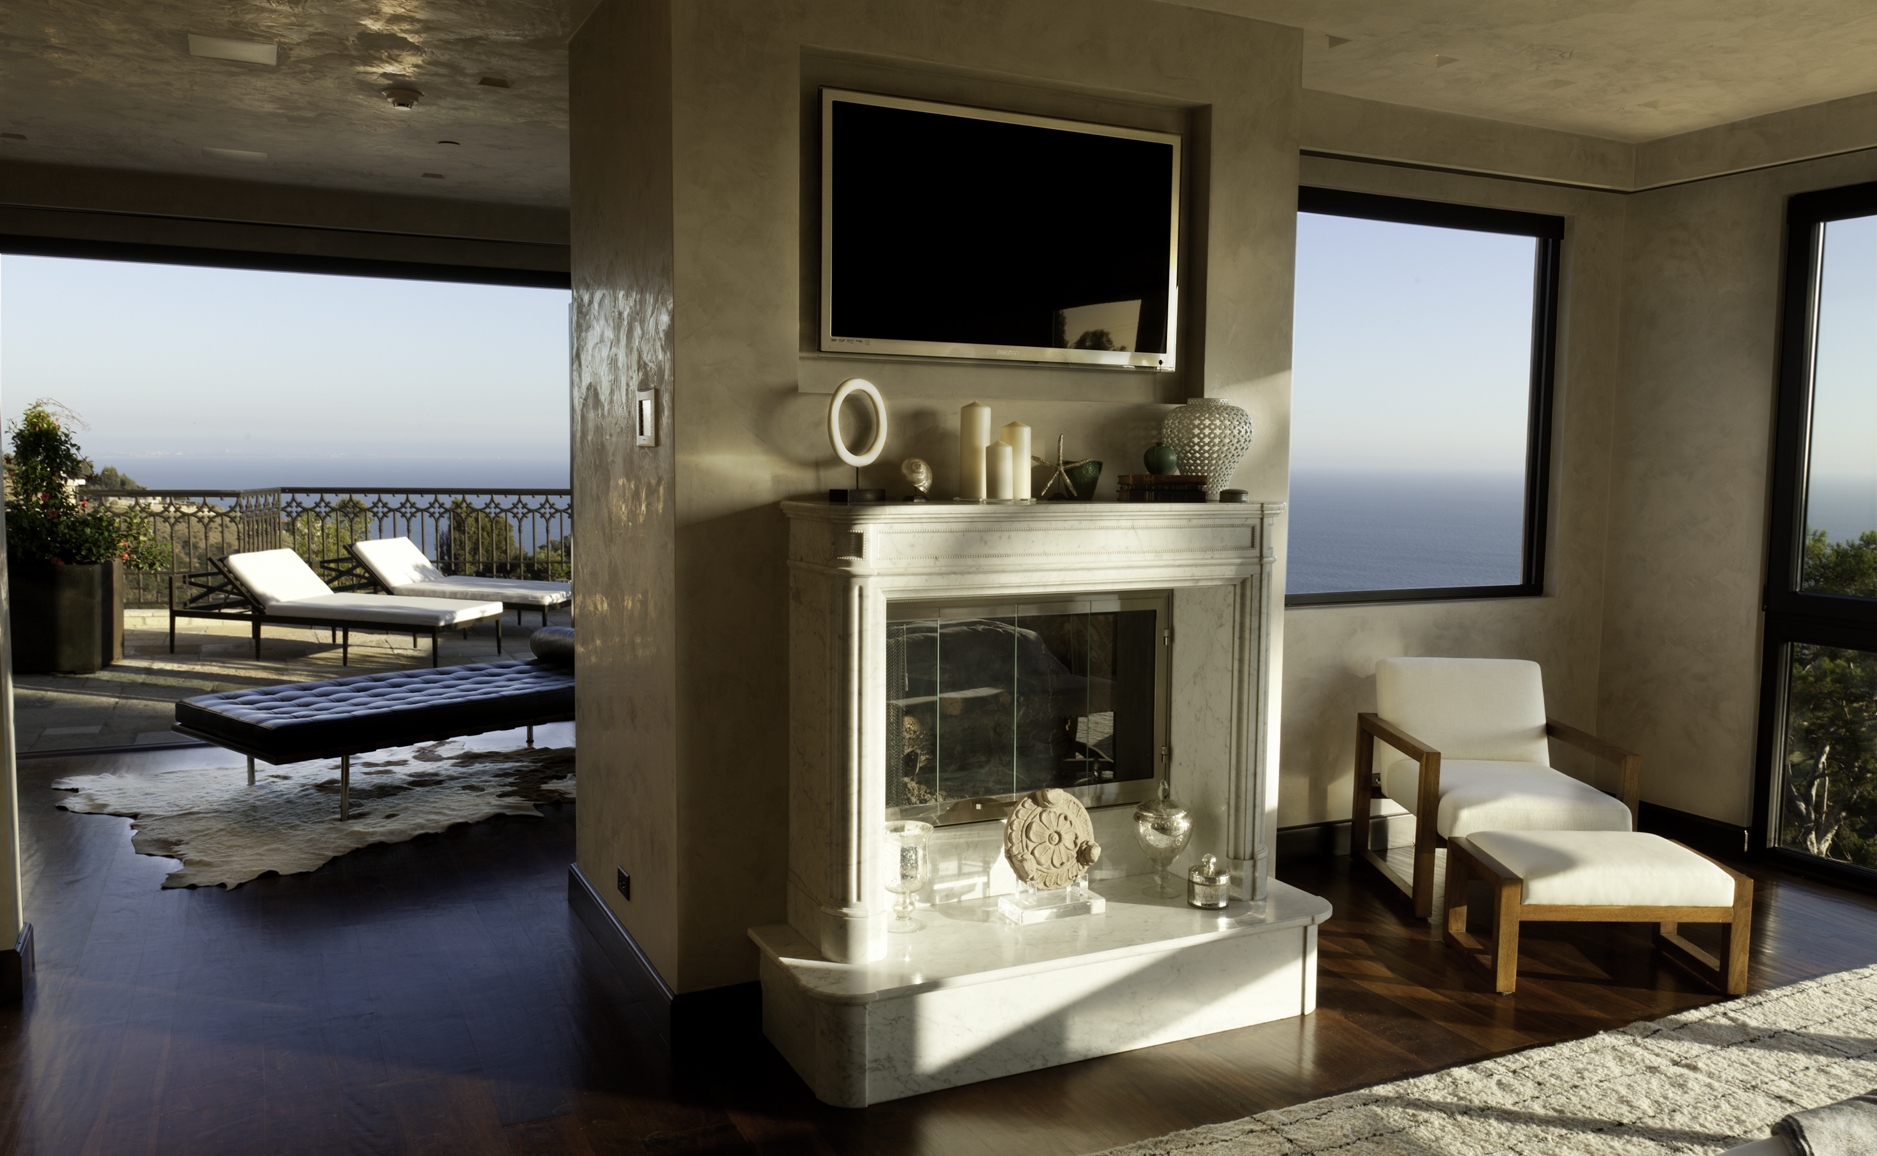 Casa da sogno una villa da cinema sulla spiaggia dei for Arredamenti di interni di lusso